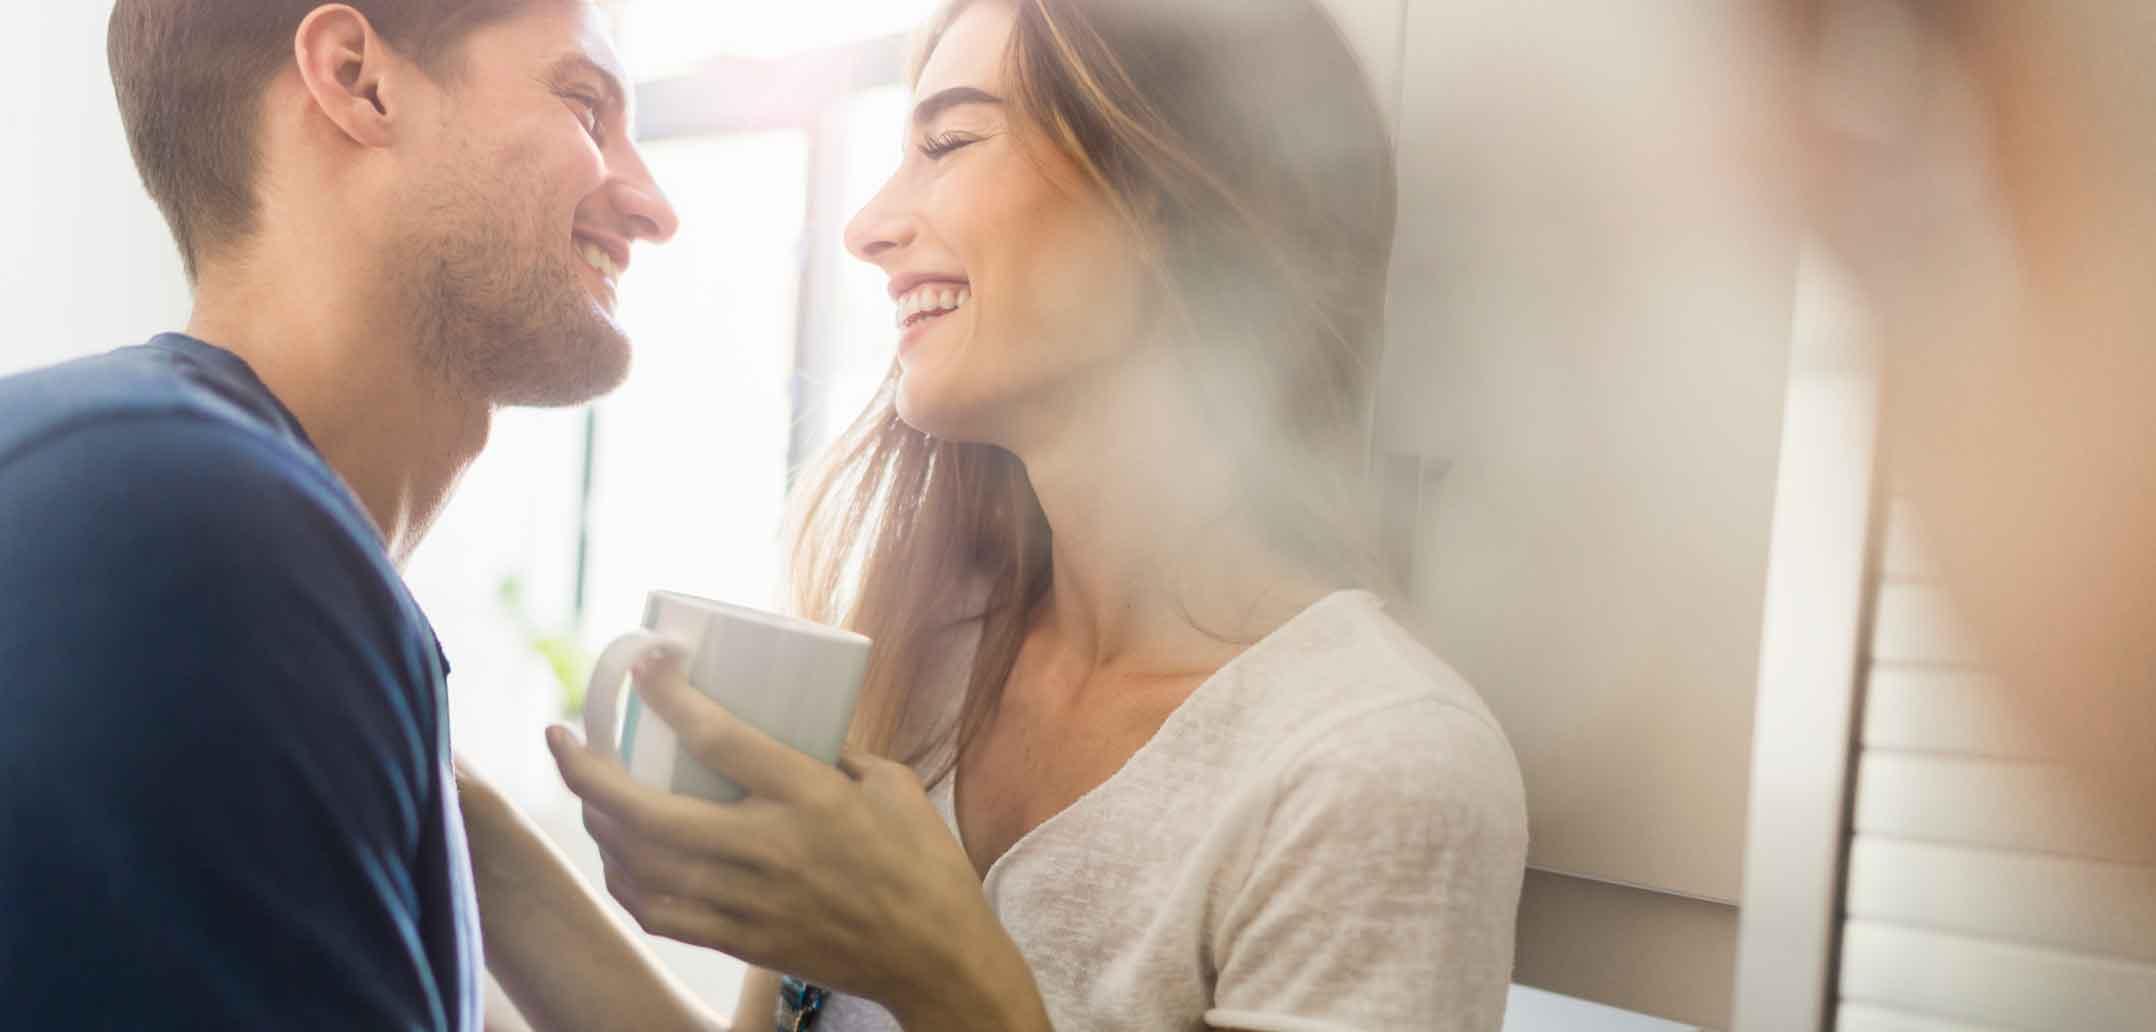 Sollten Sie lieber eine offene Beziehung führen